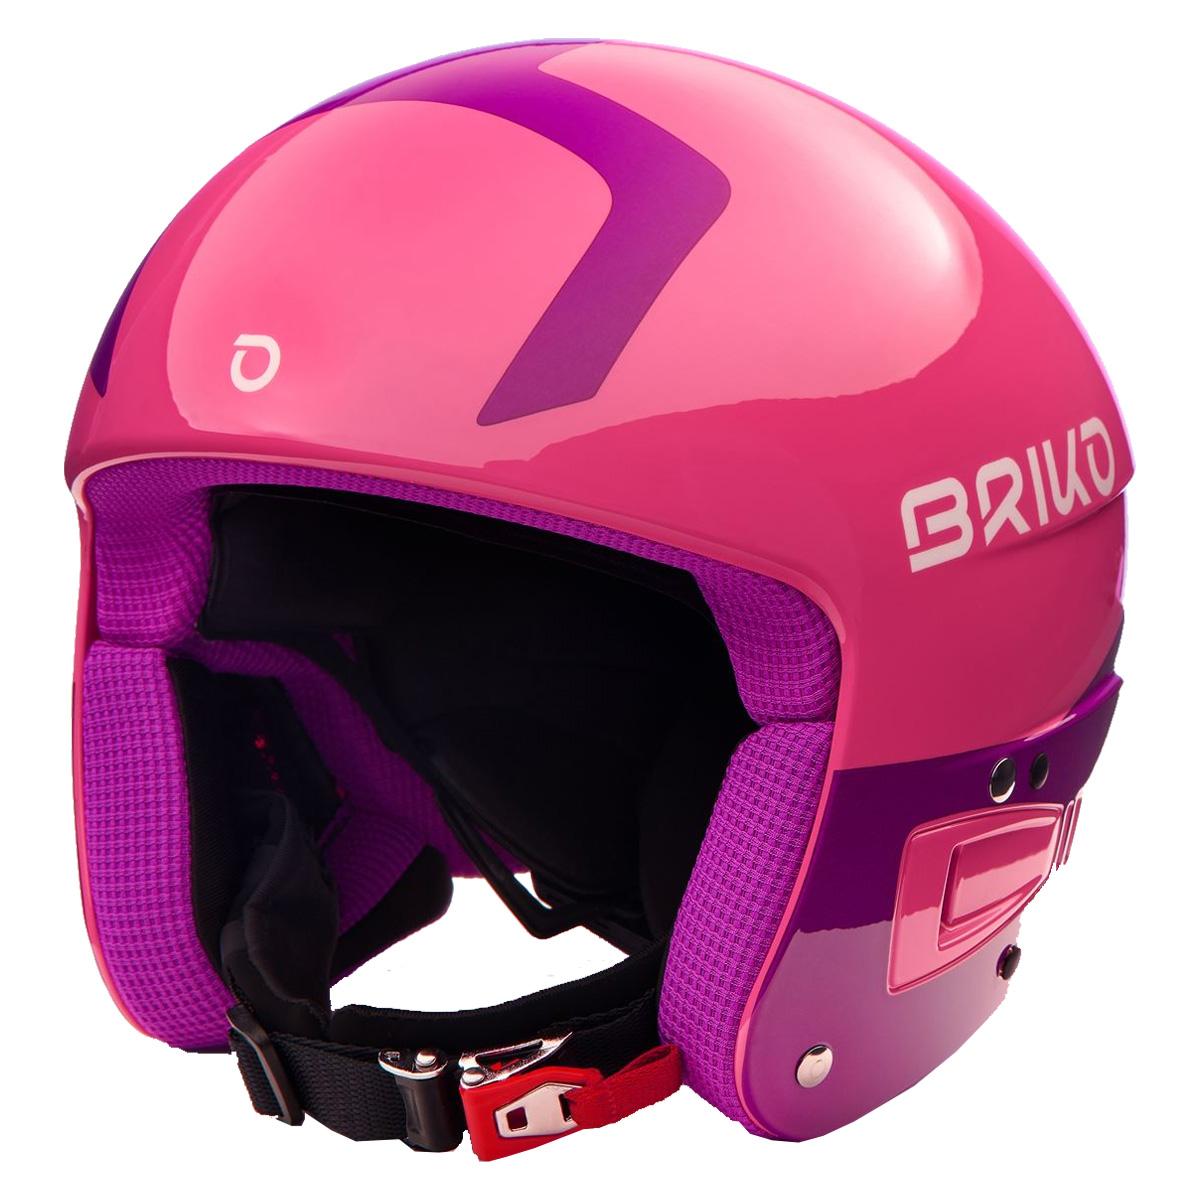 Casco sci Briko Vulcano Fis 6.8 (Colore: shiny pink violet, Taglia: S/M)